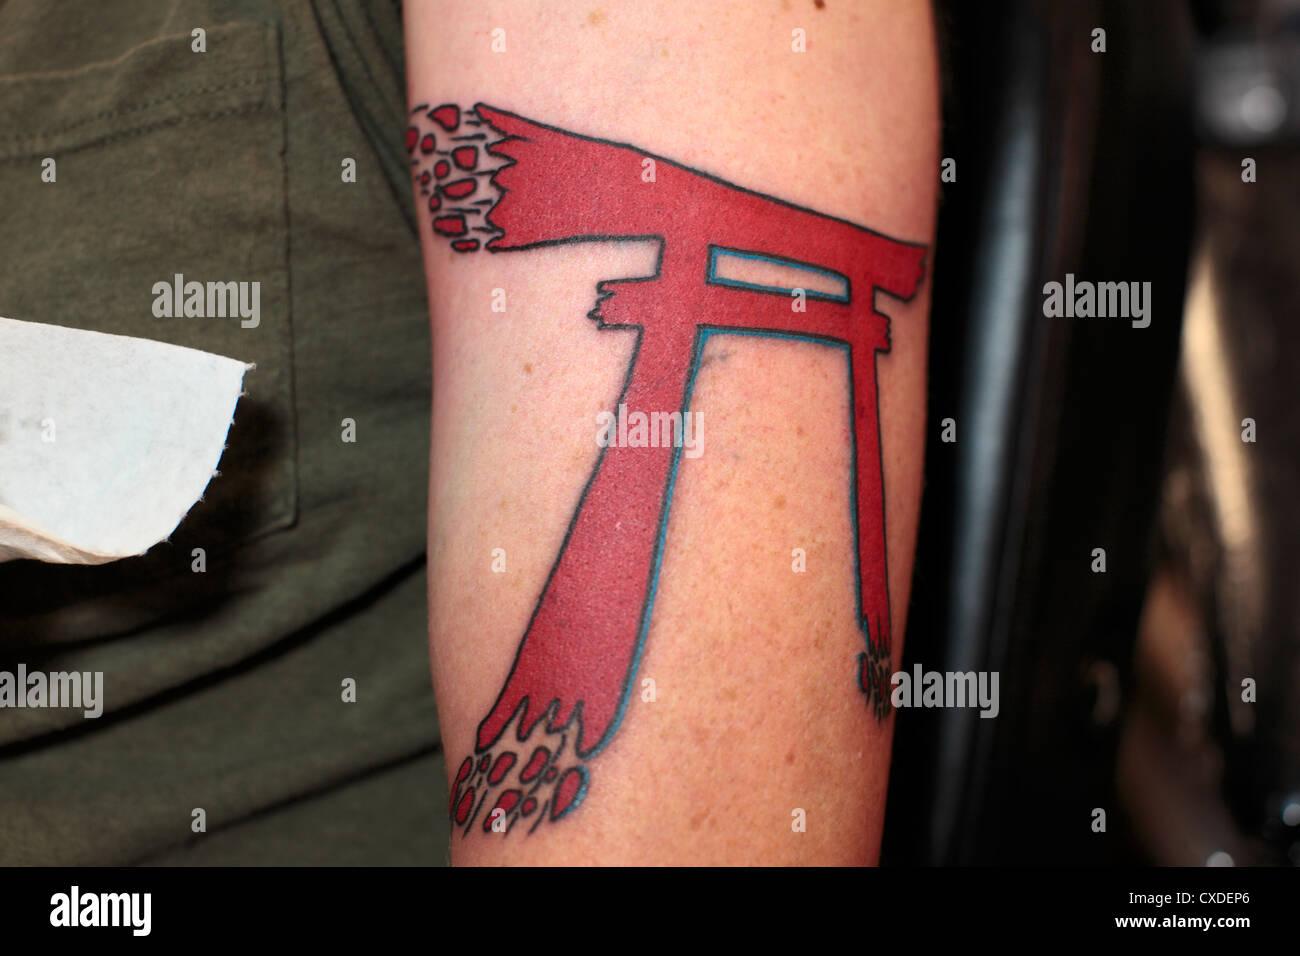 torii gate tattoo - HD1300×956